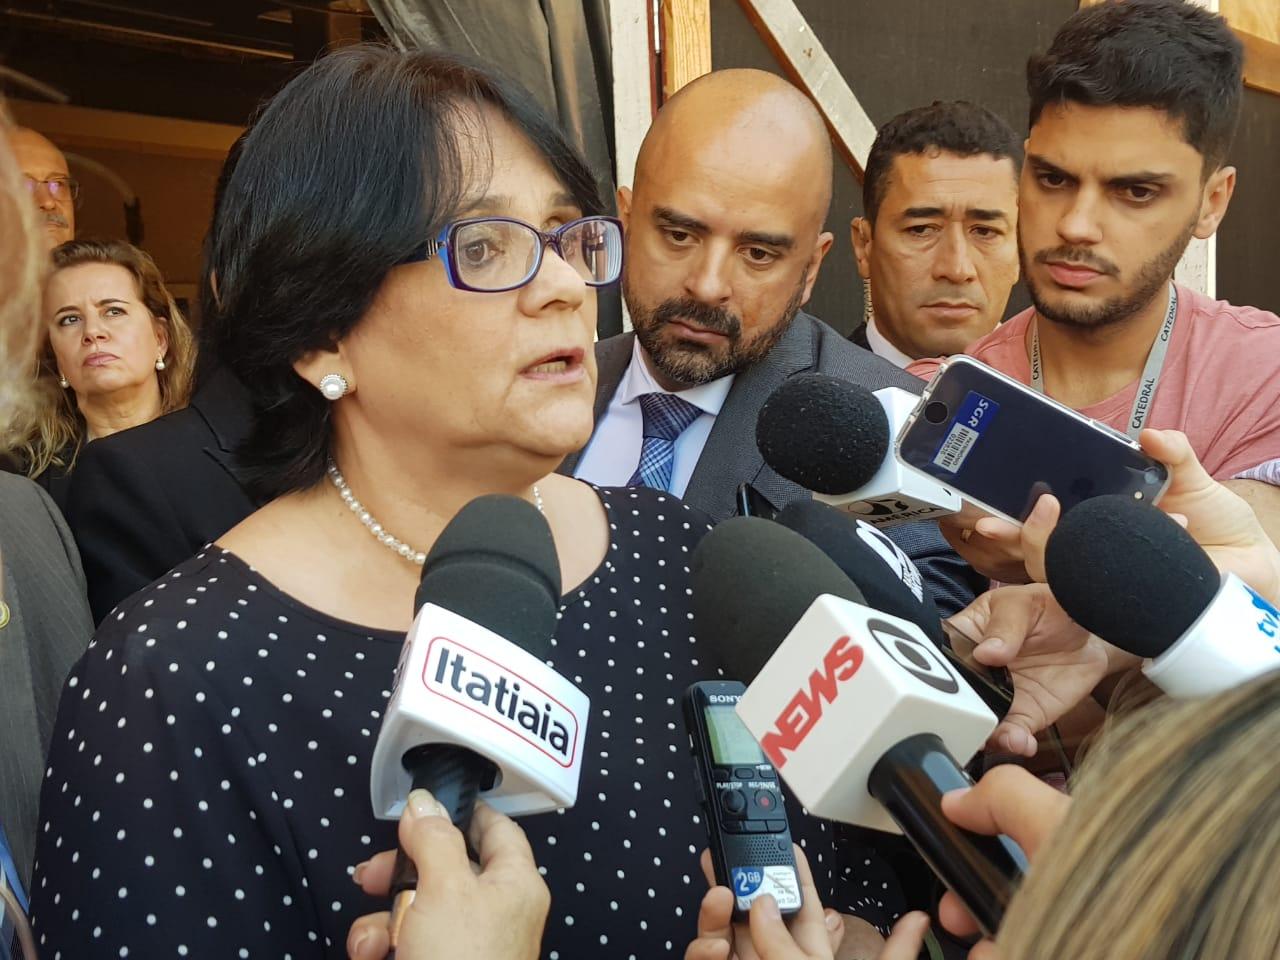 IMAGEM: Vídeo: Damares Alves cancela Memorial da Anistia em BH